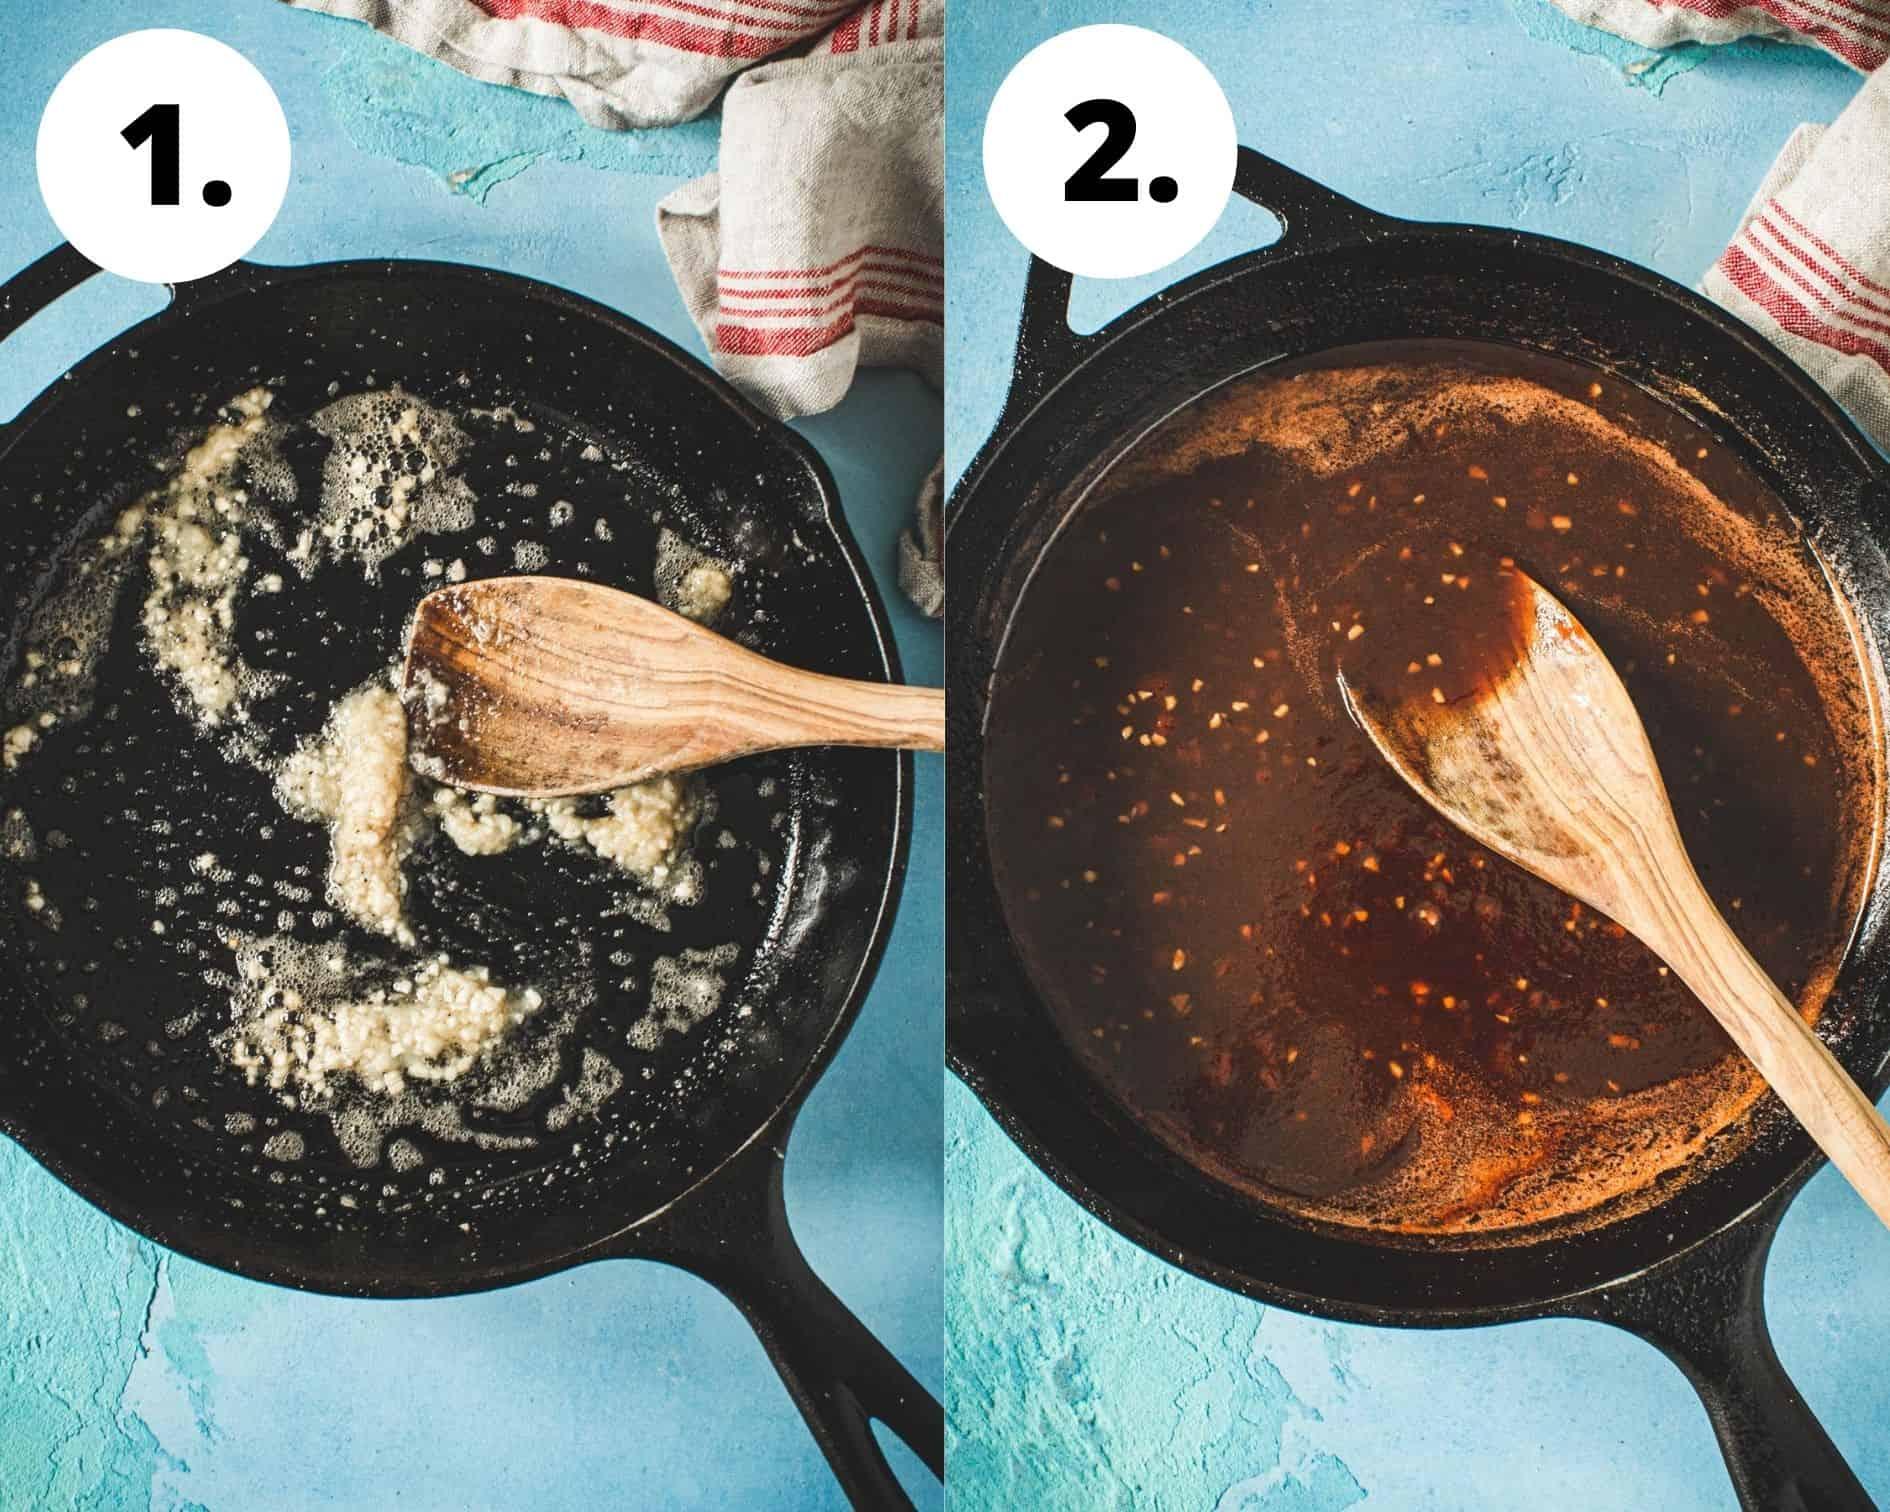 Huli huli chicken process steps 1 and 2.